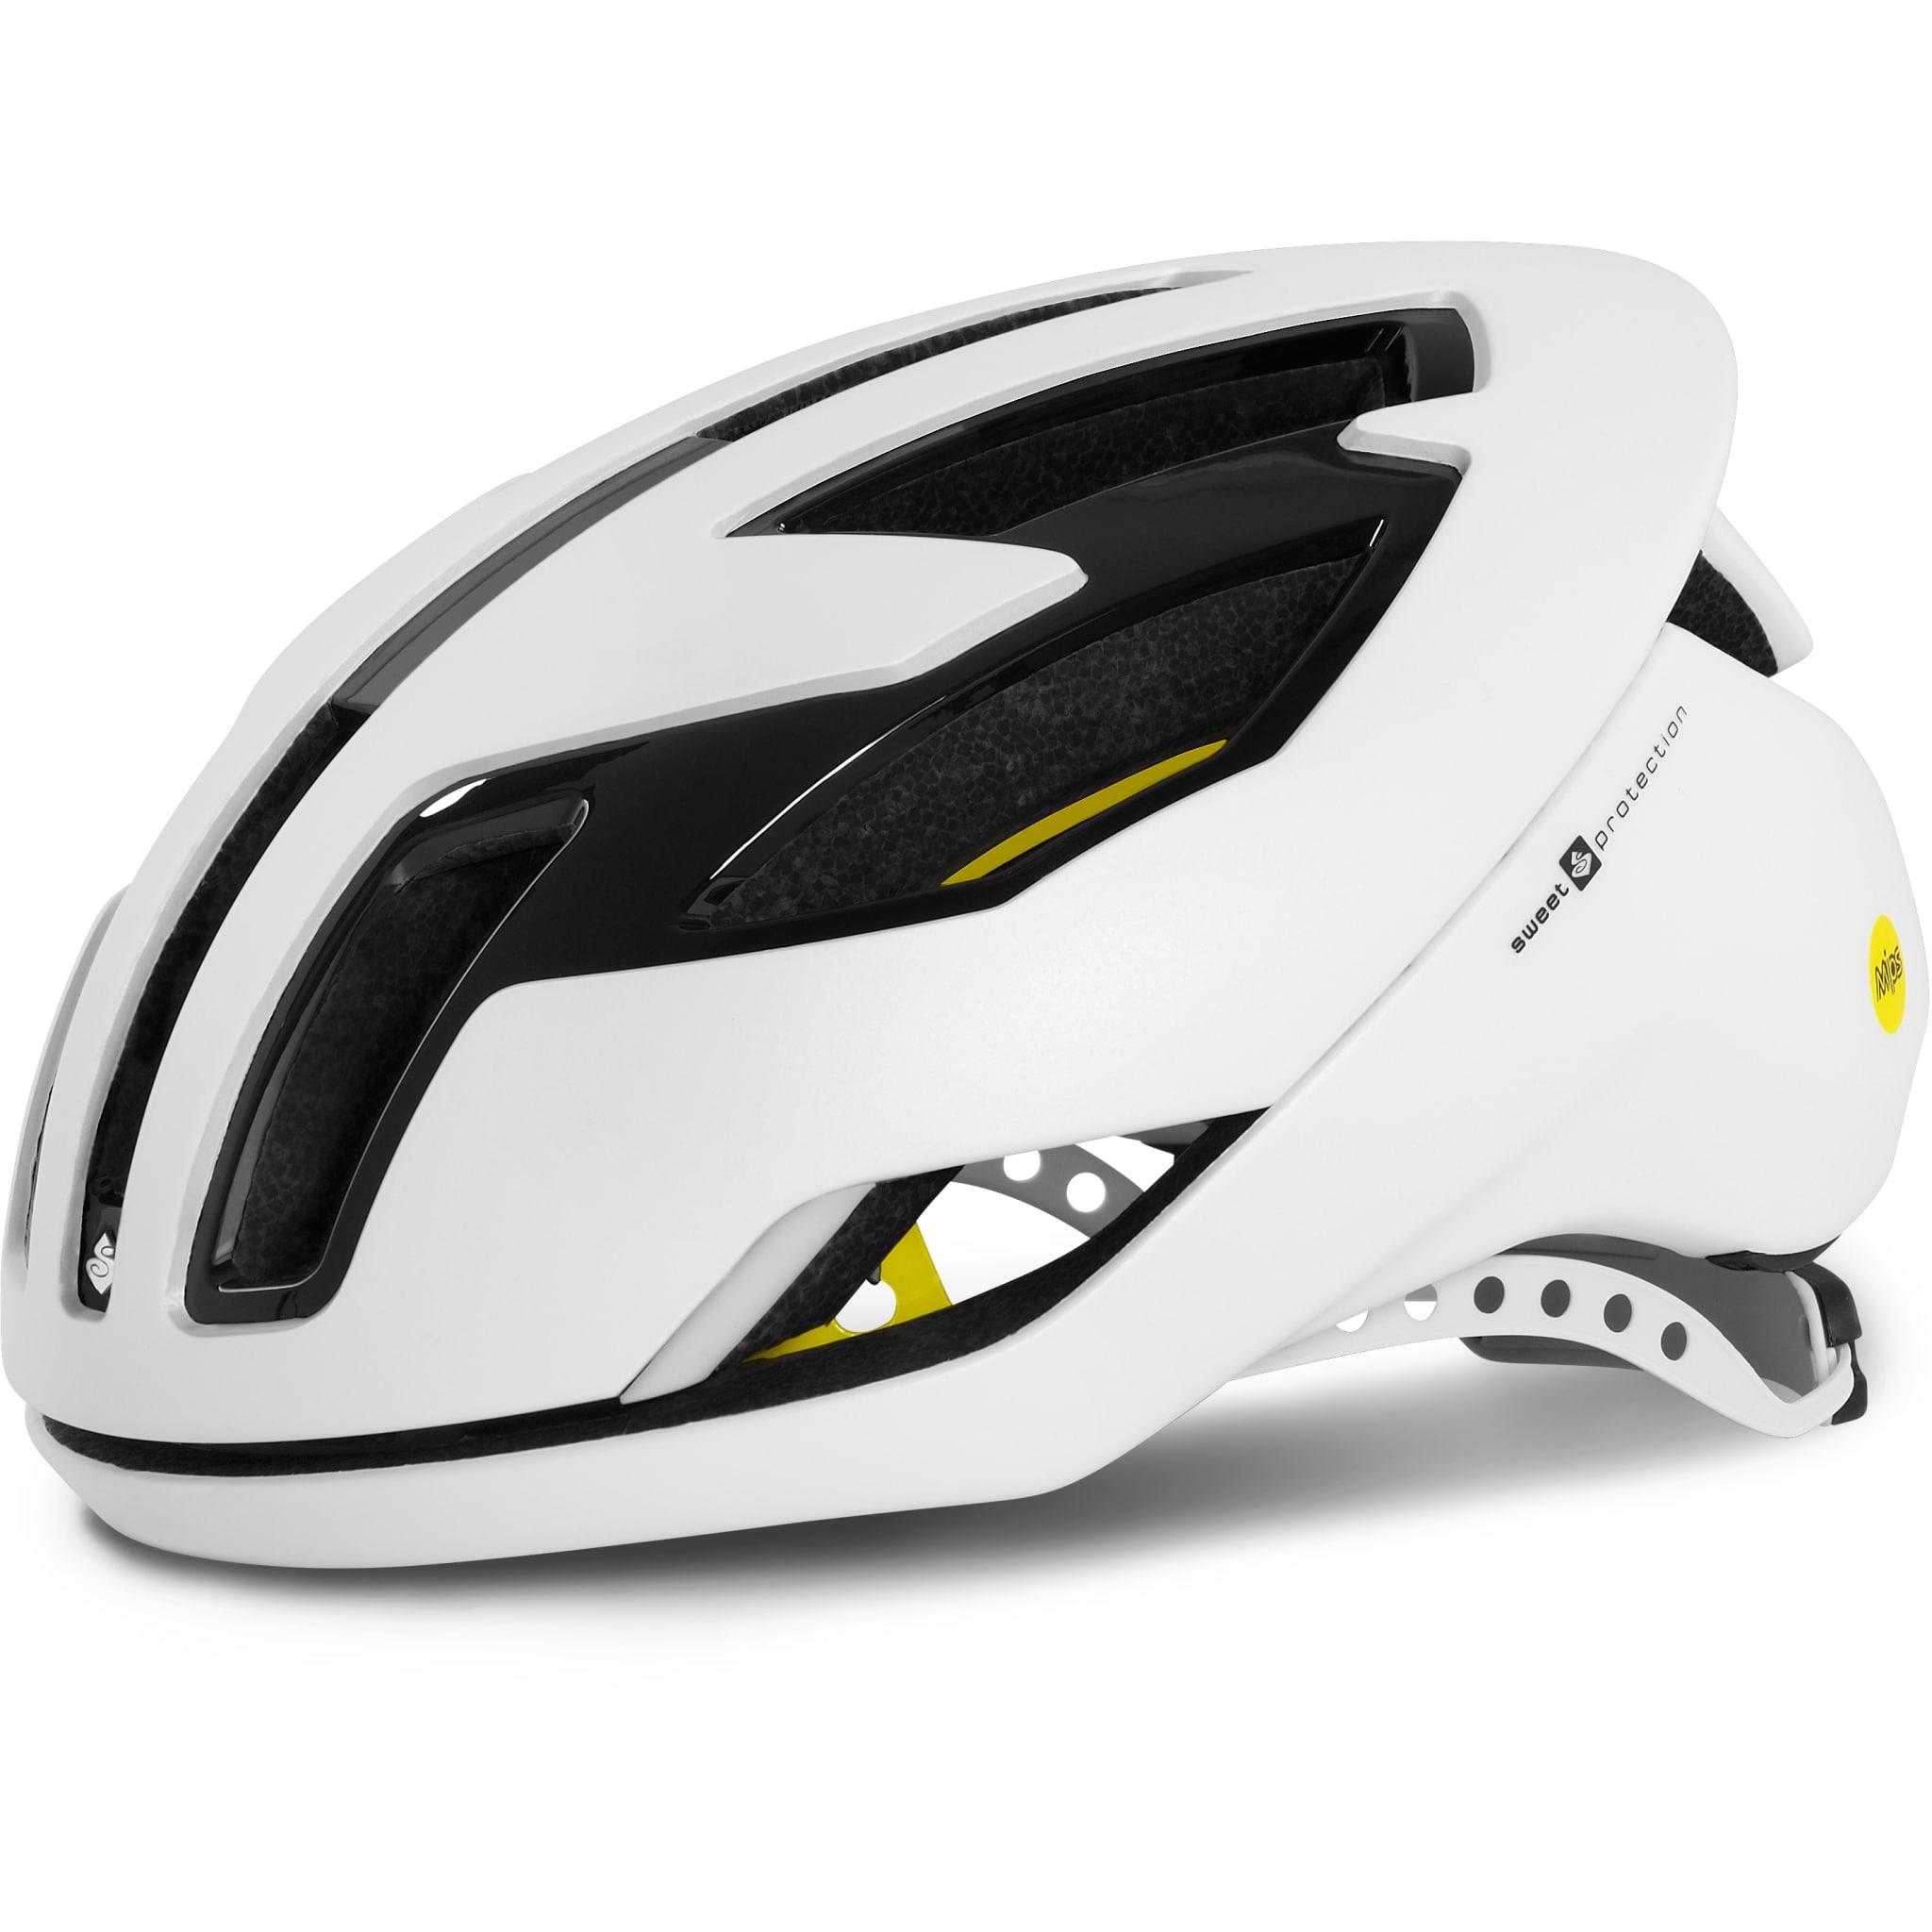 Falconer MIPS Helmet